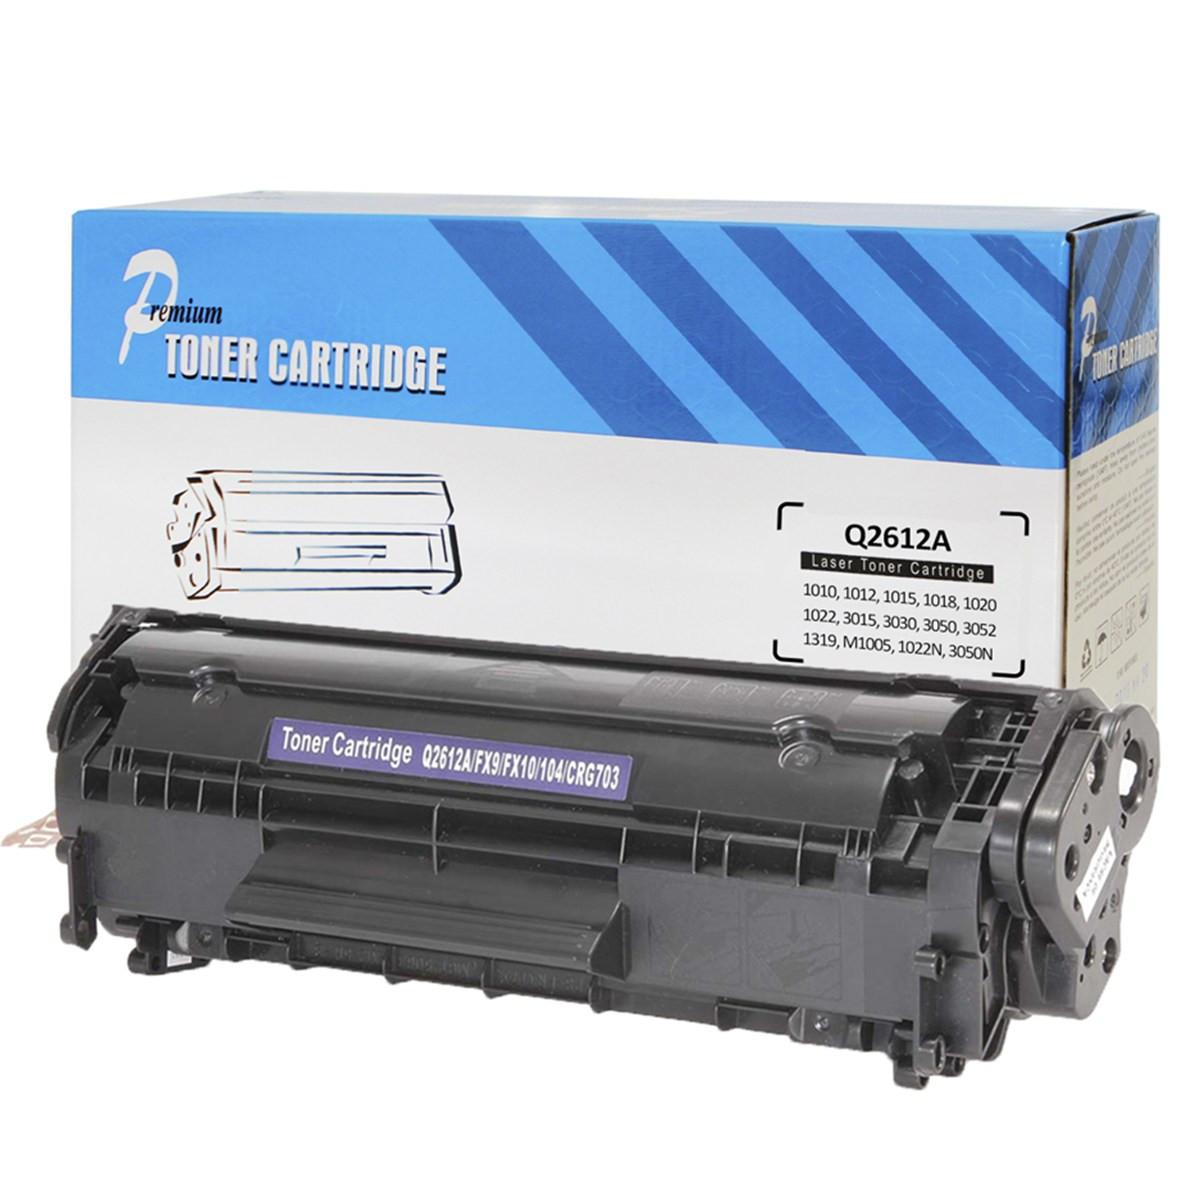 Caixa com 15 Toner Compatível com HP Q2612A 12A | 1010 1012 1015 1018 1020 1022 3015 3030 | Premium